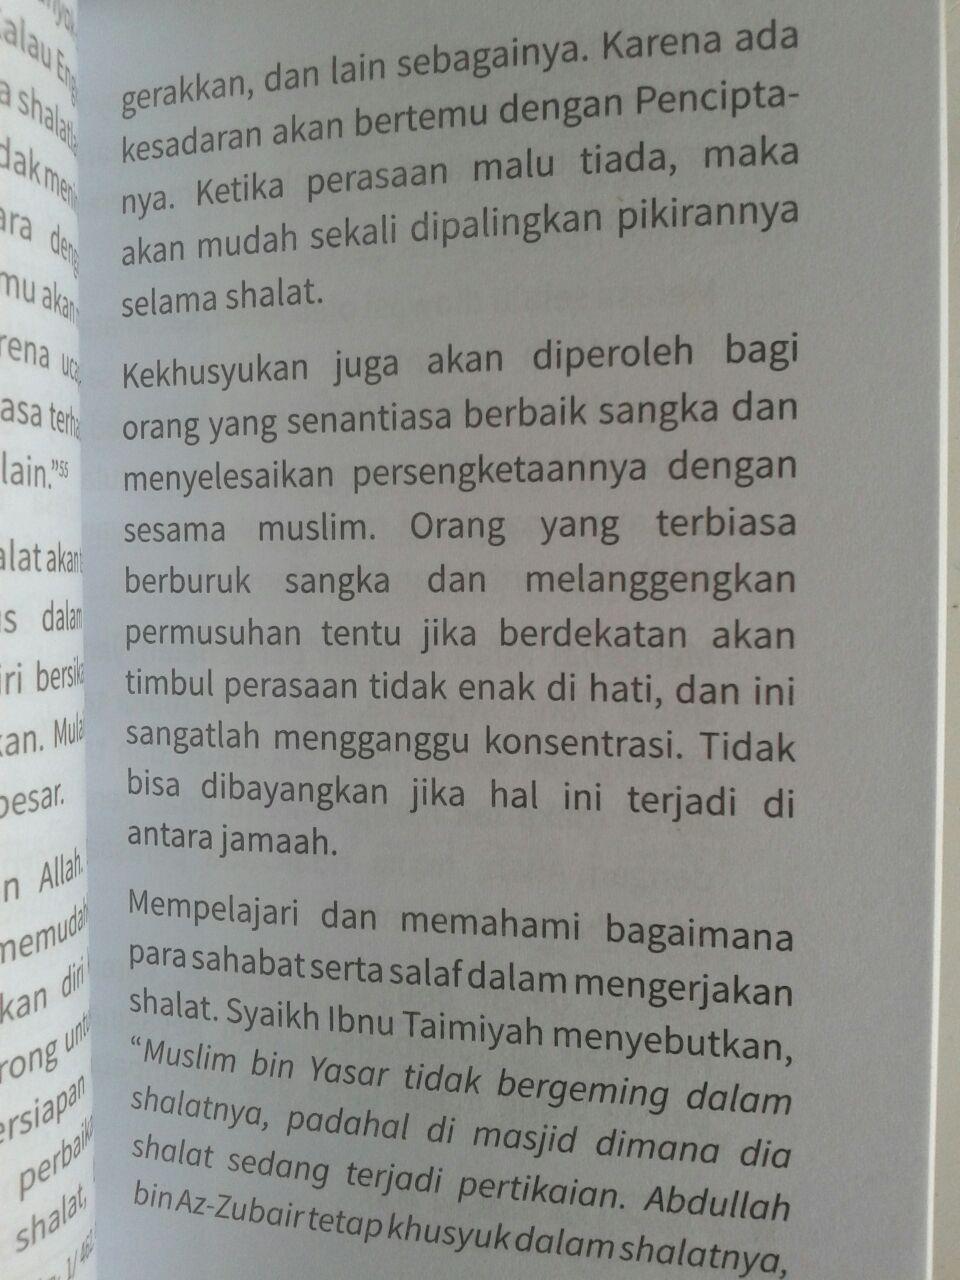 Buku Saku Menemukan Khusyuk Dalam Shalat isi 3